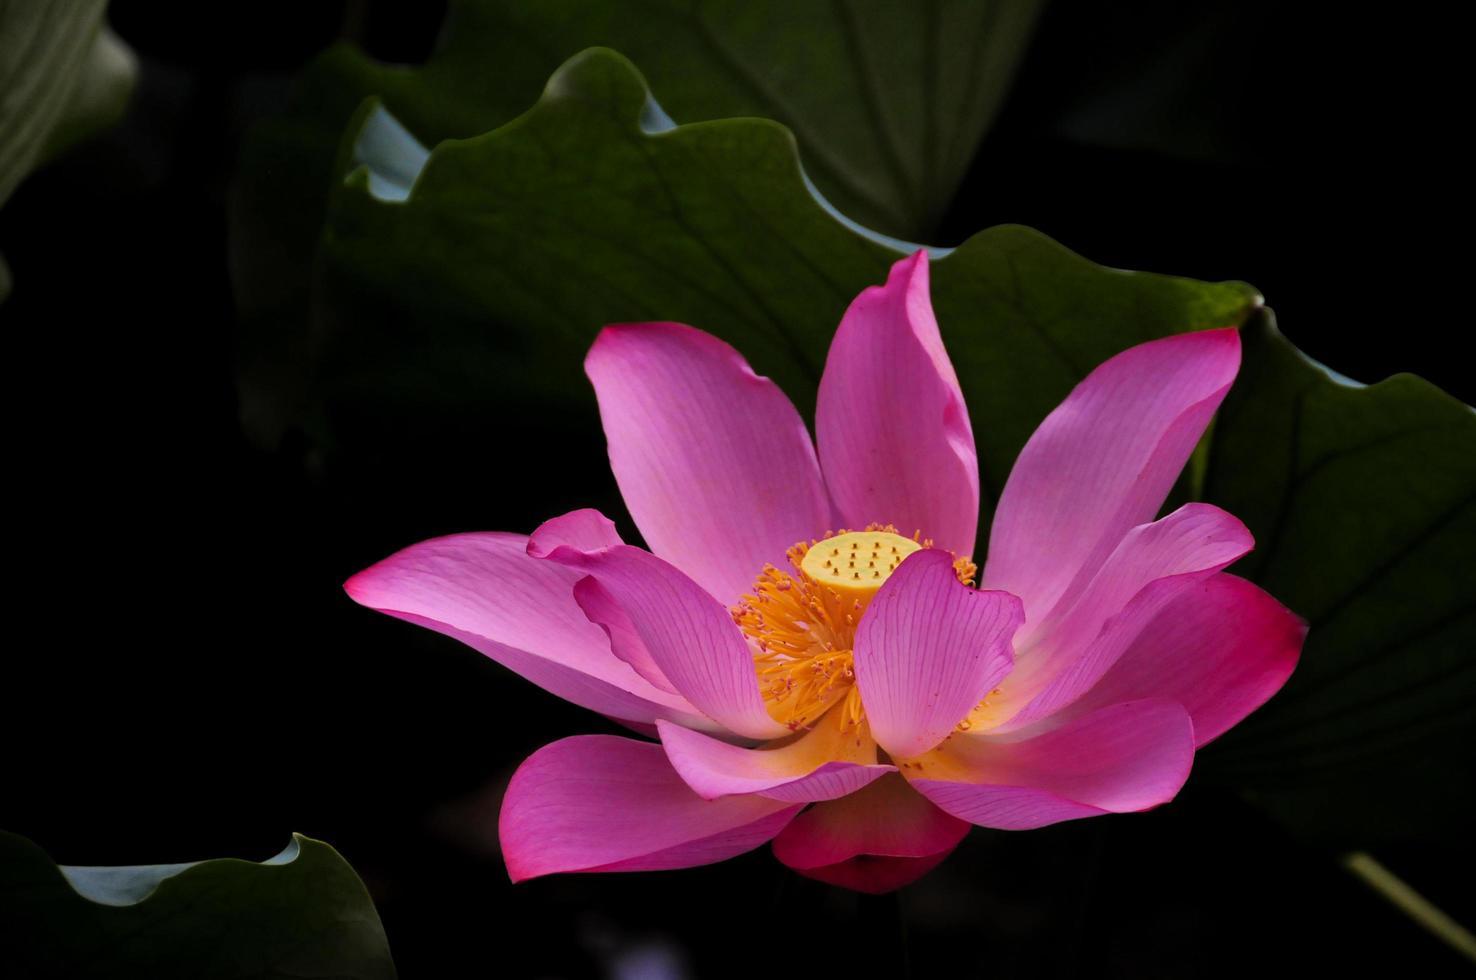 fleur rose avec centre jaune photo